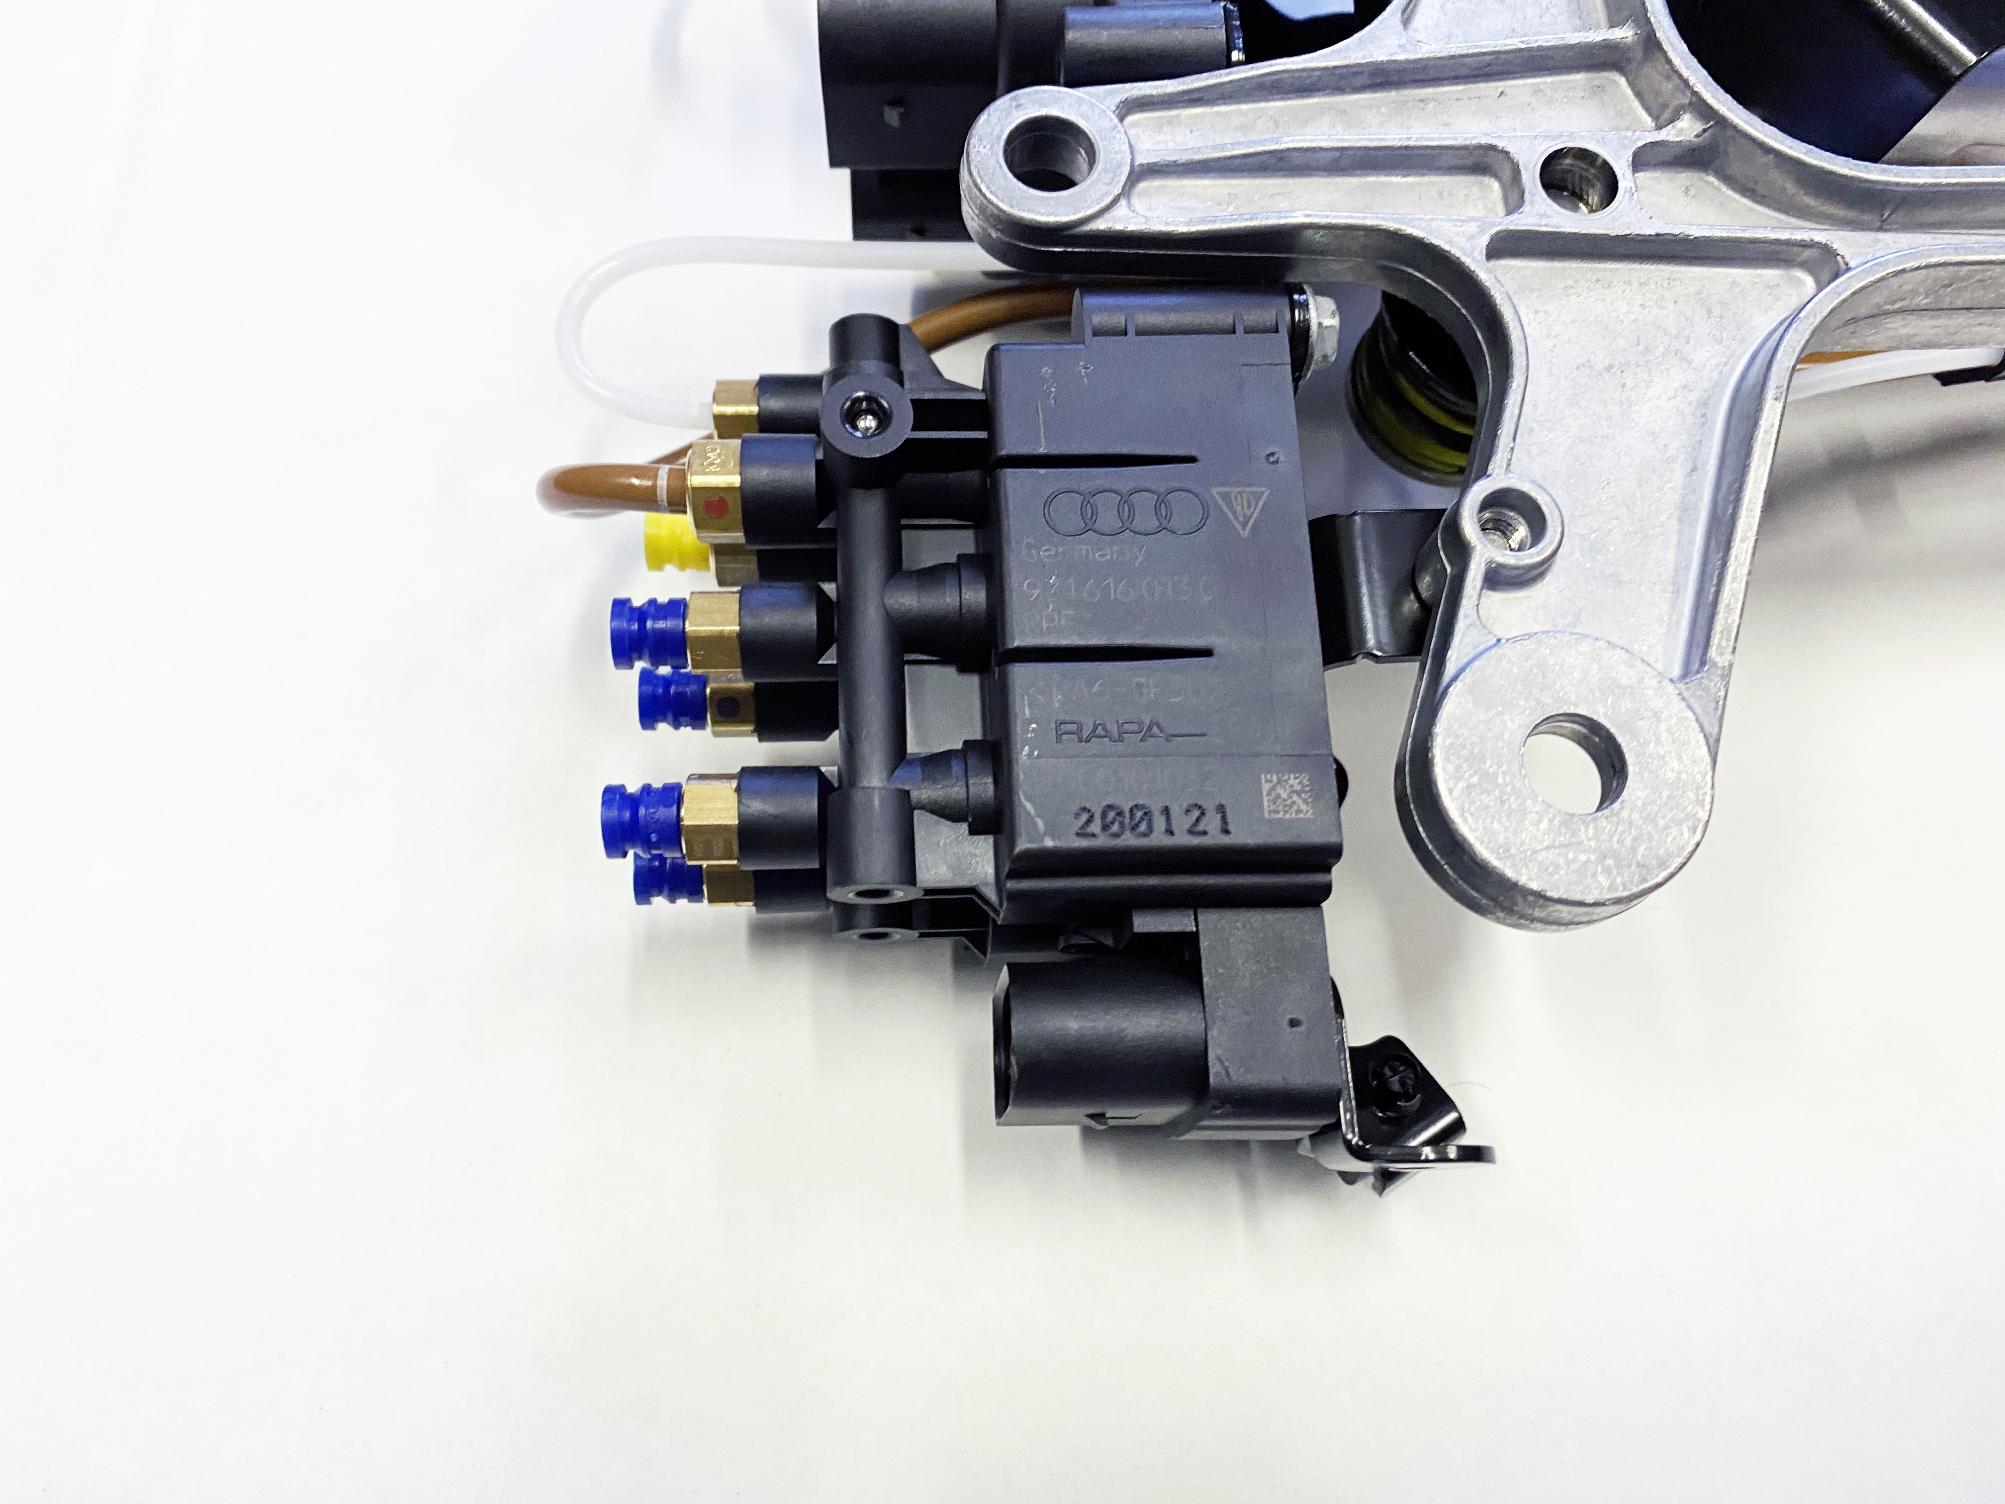 картинка Новый оригинальный компрессор пневмоподвески Wabco для Porsche Panamera 971 G2 2017+ (971616006B, 971616007B) от магазина пневмоподвески ПневмоМаркет